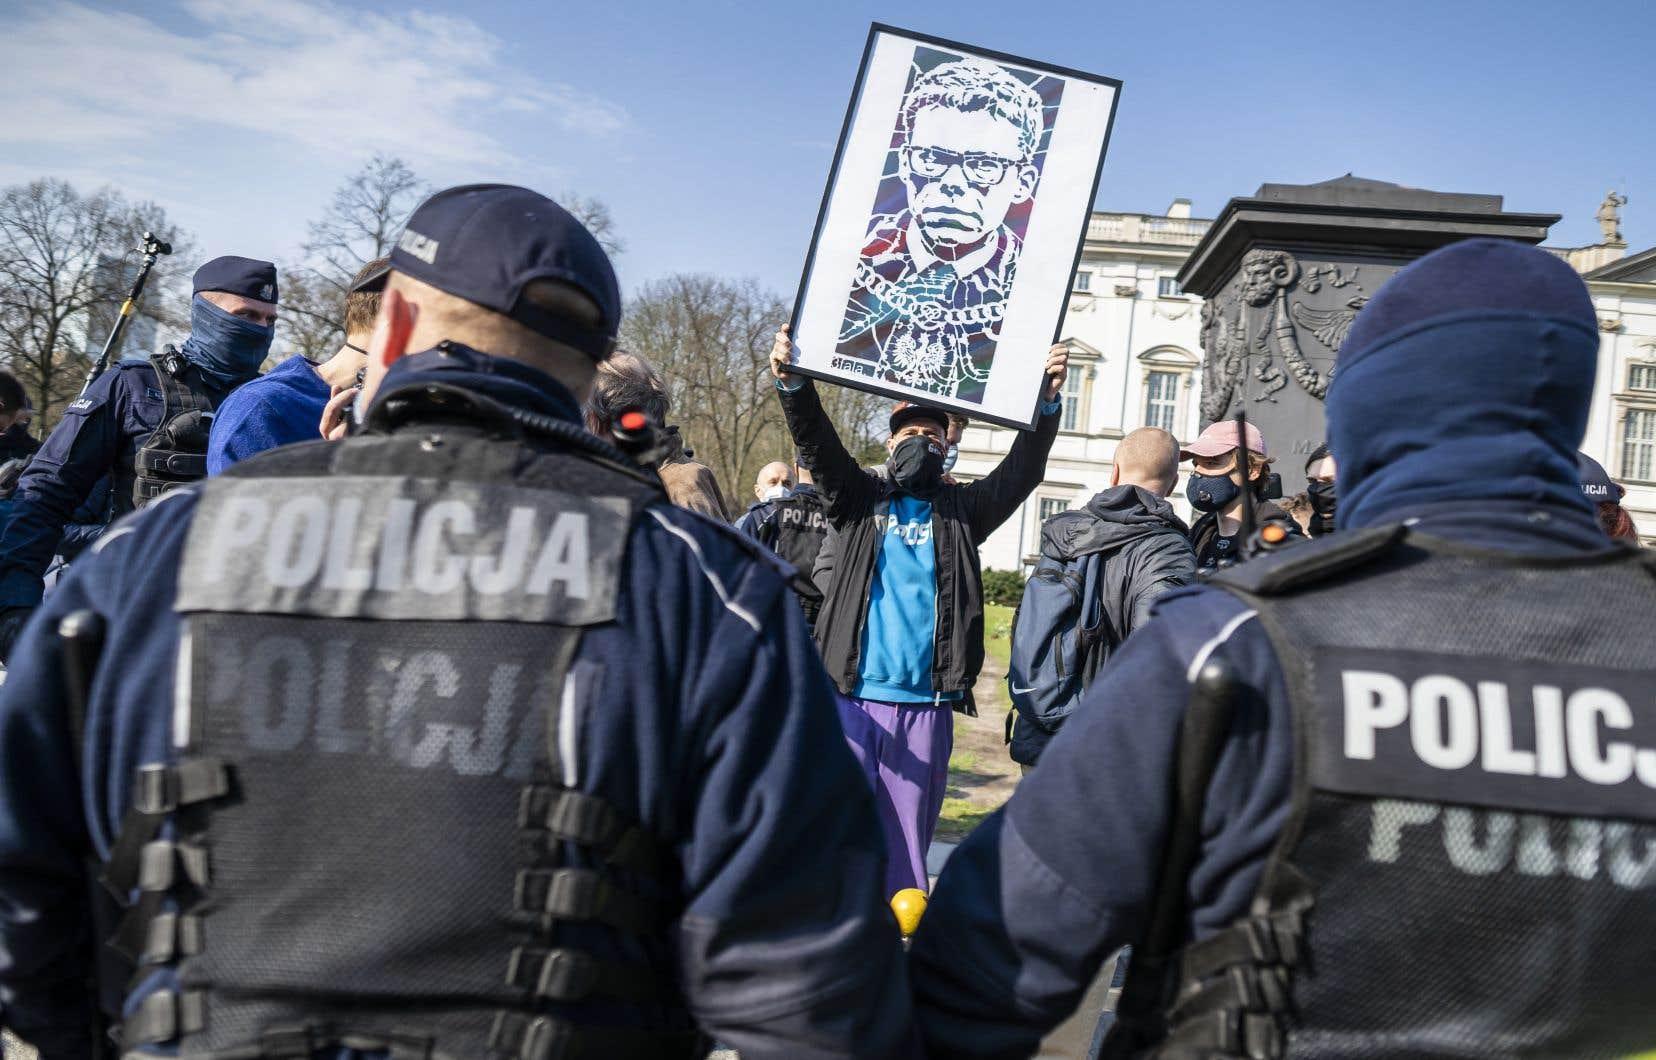 En s'opposant depuis 2015 à la refonte du système judiciaire polonais, voulue par le parti national-conservateur, le juge Igor Tuleya s'est transformé en icône de la défense de l'État de droit.